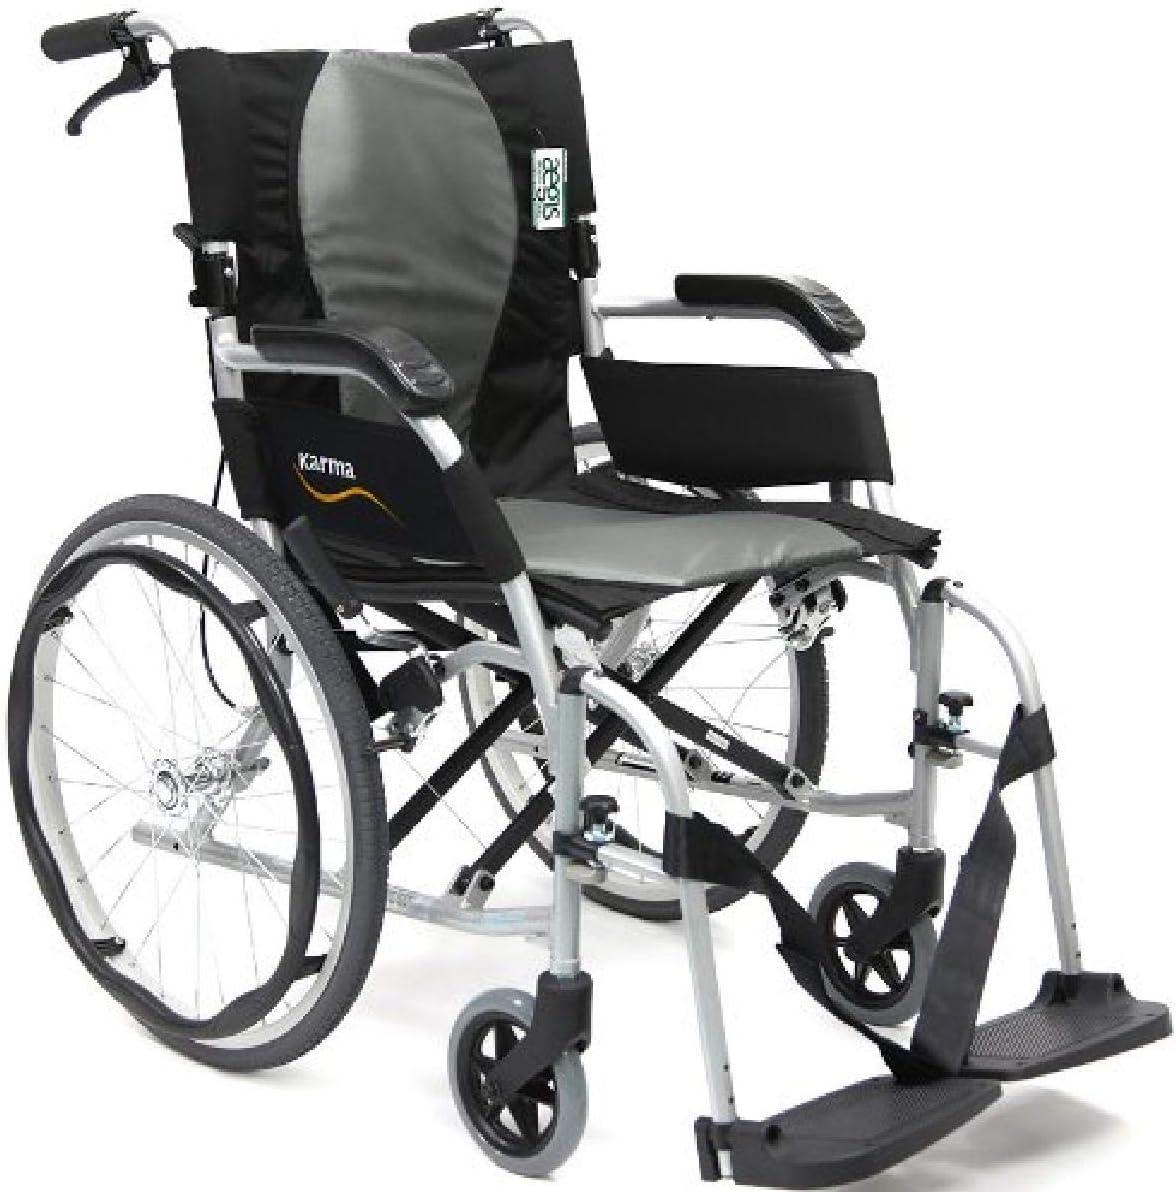 5. Karman Ultra Lightweight Wheelchair 19.8 lbs